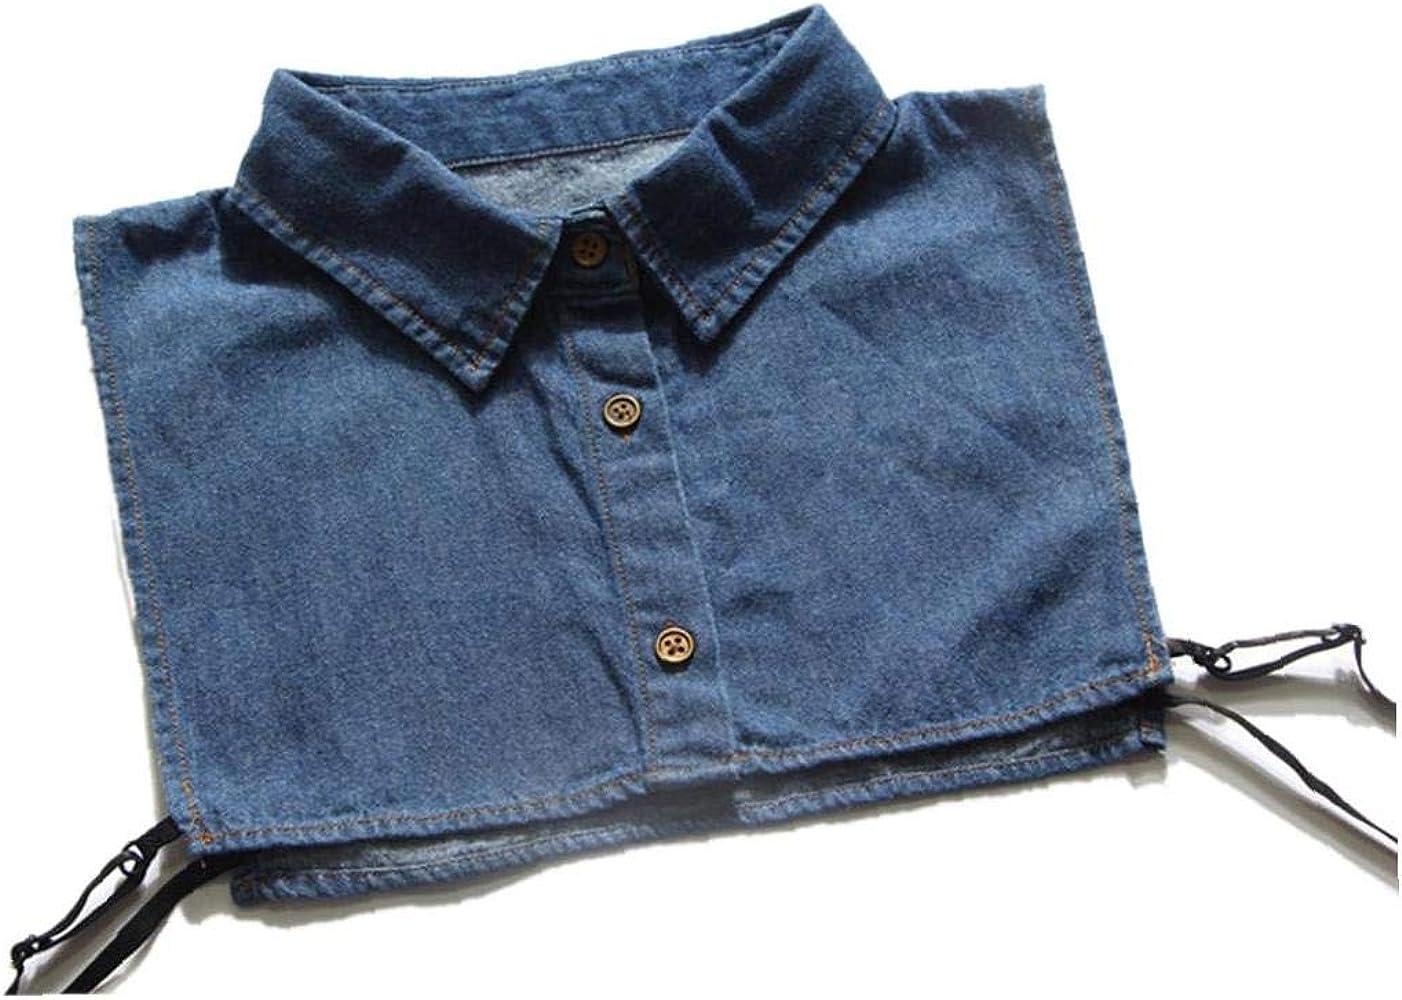 Aisoway Camisa Vaquera Falso Cuello Desmontable Collar Falso Del Collar De La Solapa De La Blusa Collares Falsos Para Mujeres: Amazon.es: Ropa y accesorios